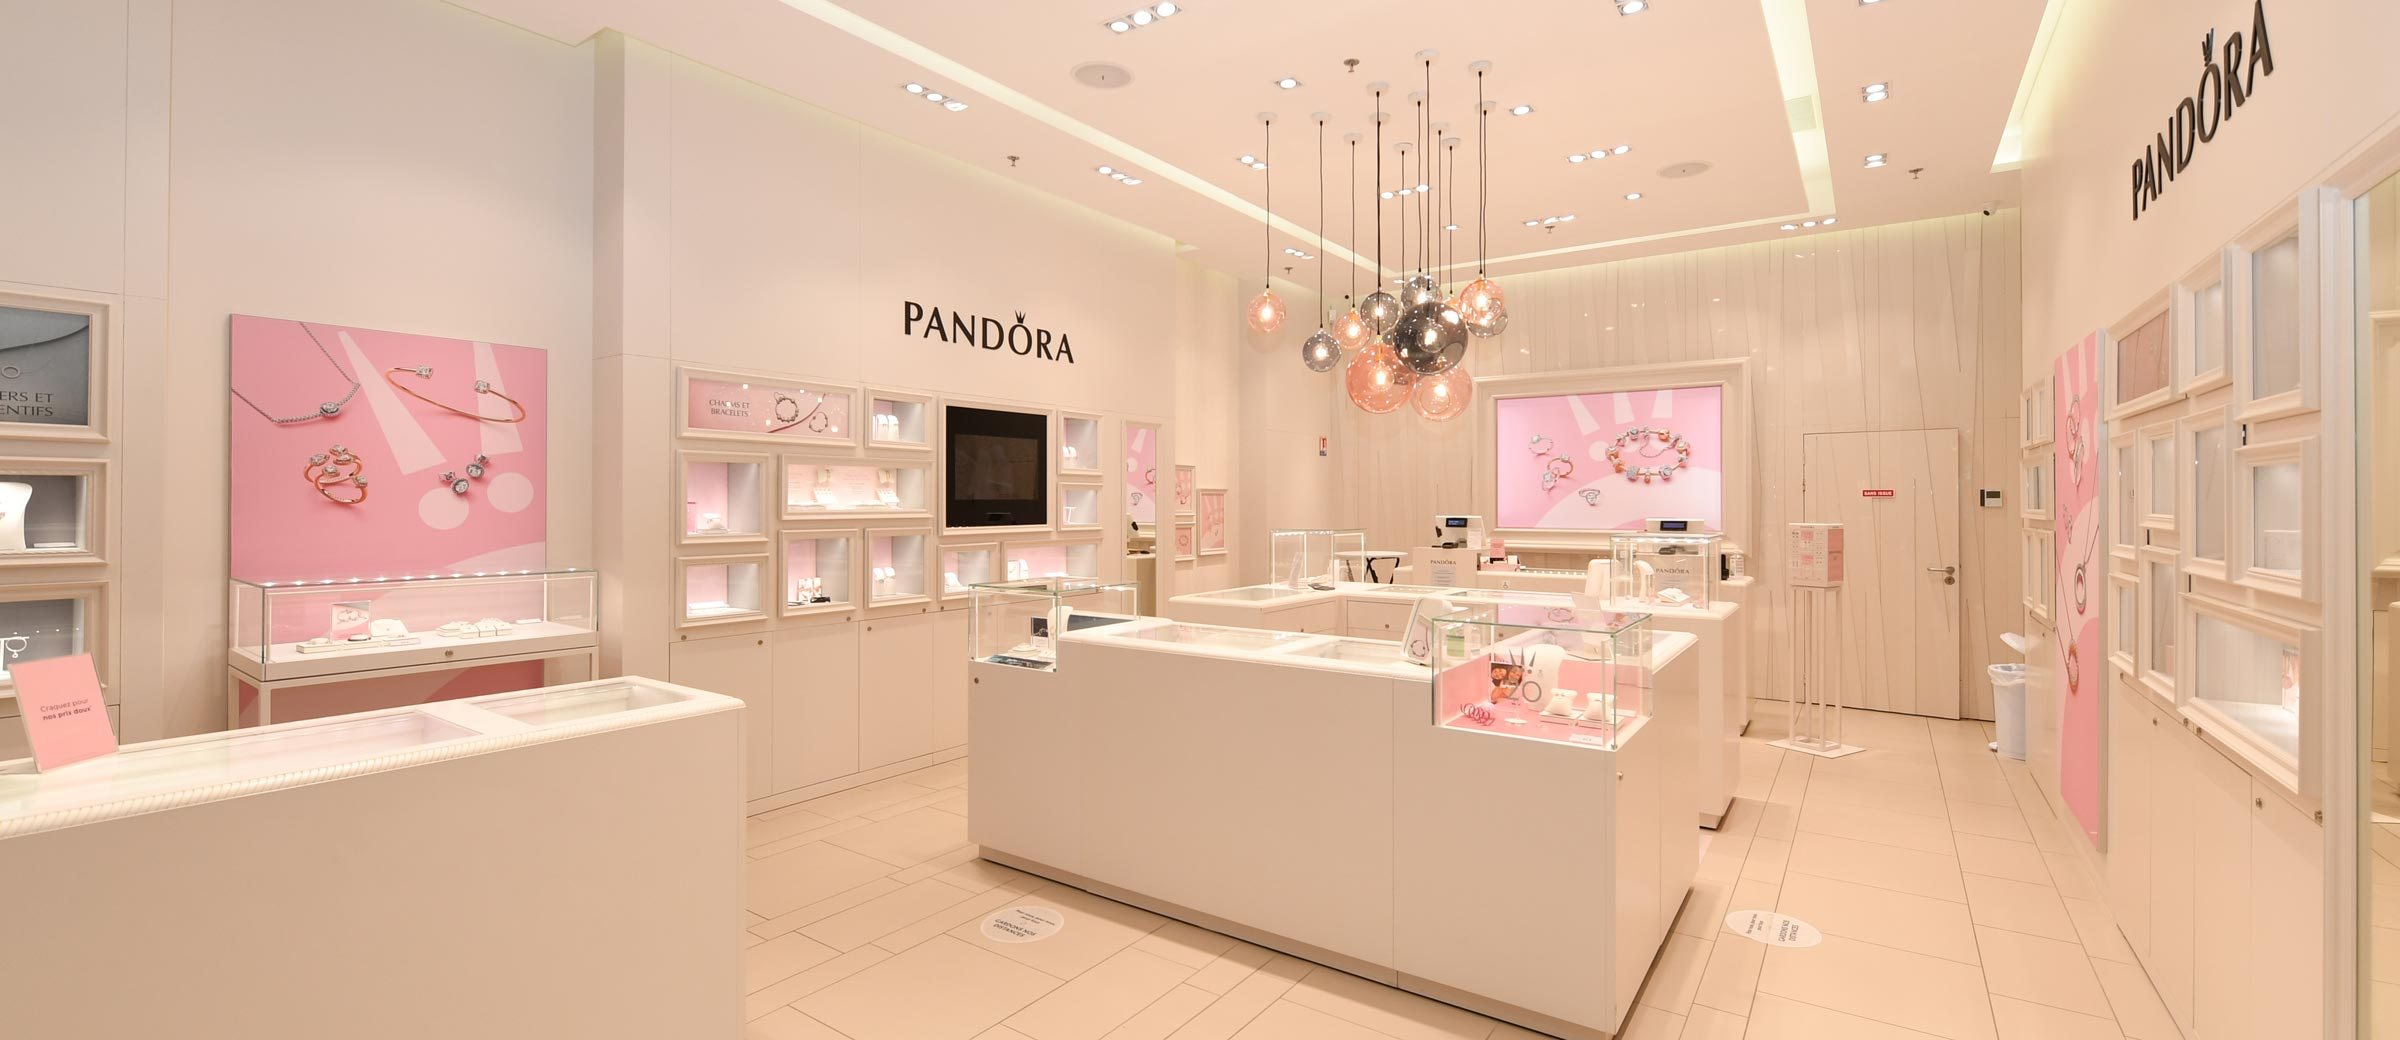 Pandora - Centre Commercial La Lezarde